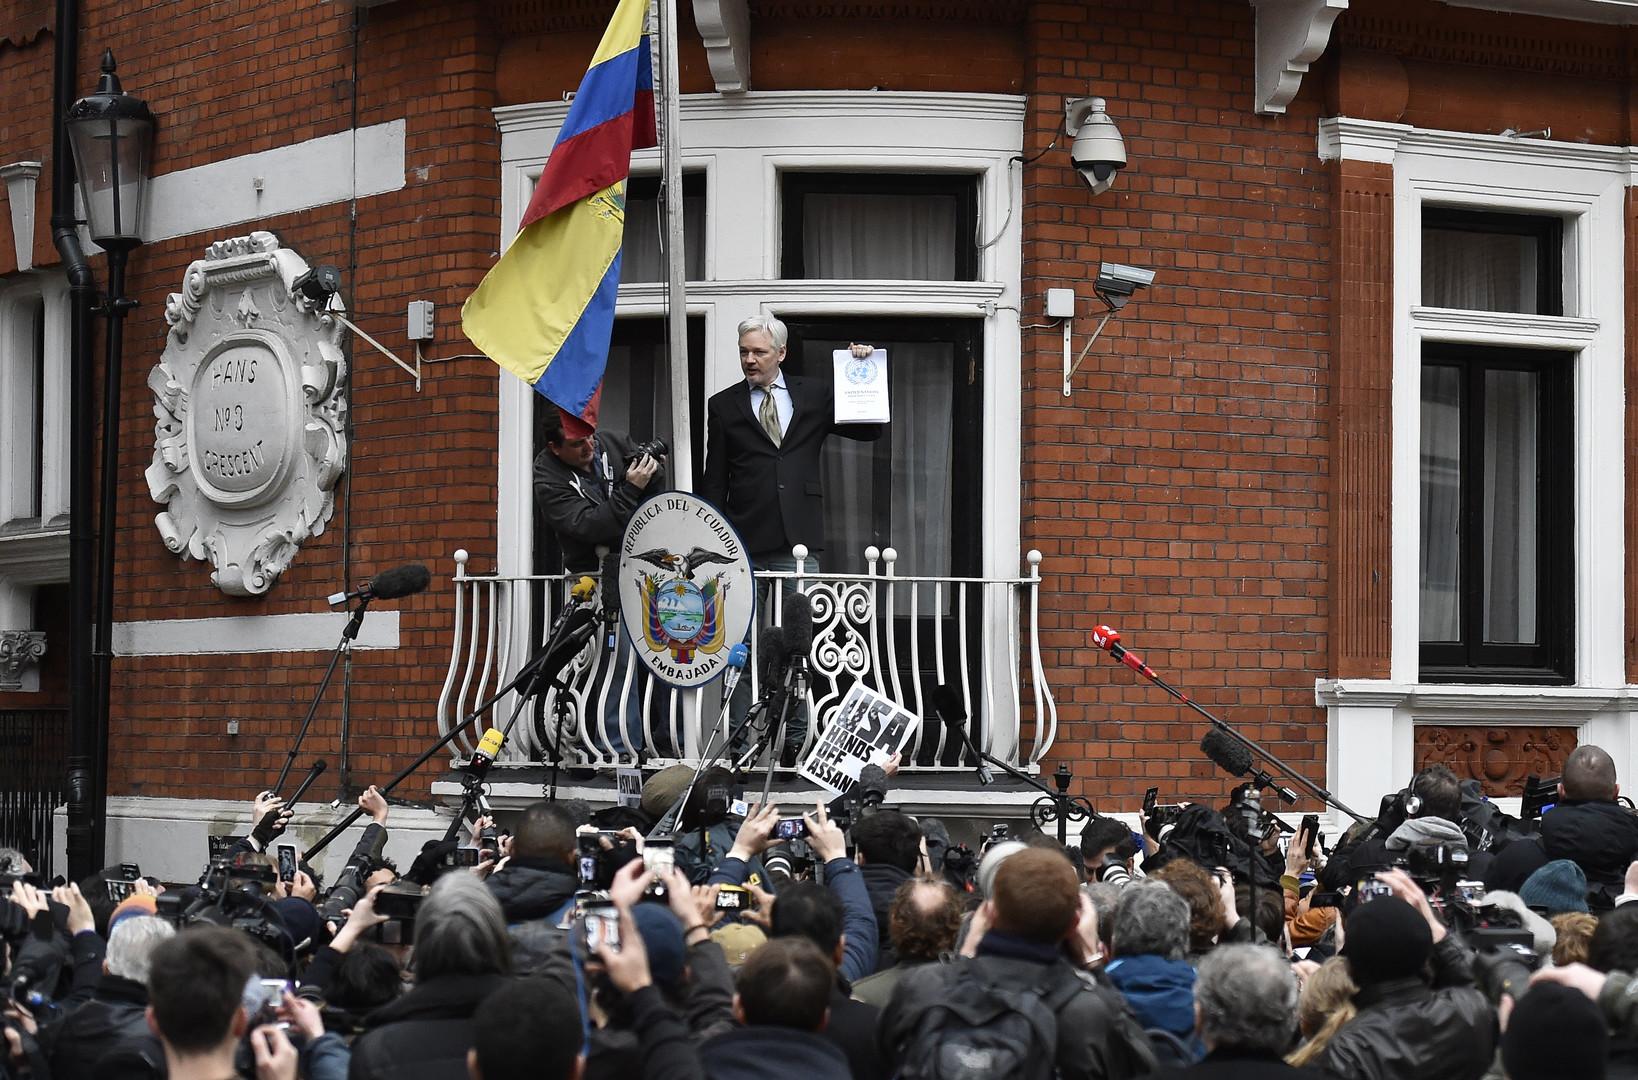 «Посольство Эквадора встолице Англии желает освободиться от основоположника Викиликс» Джулиана Ассанжа